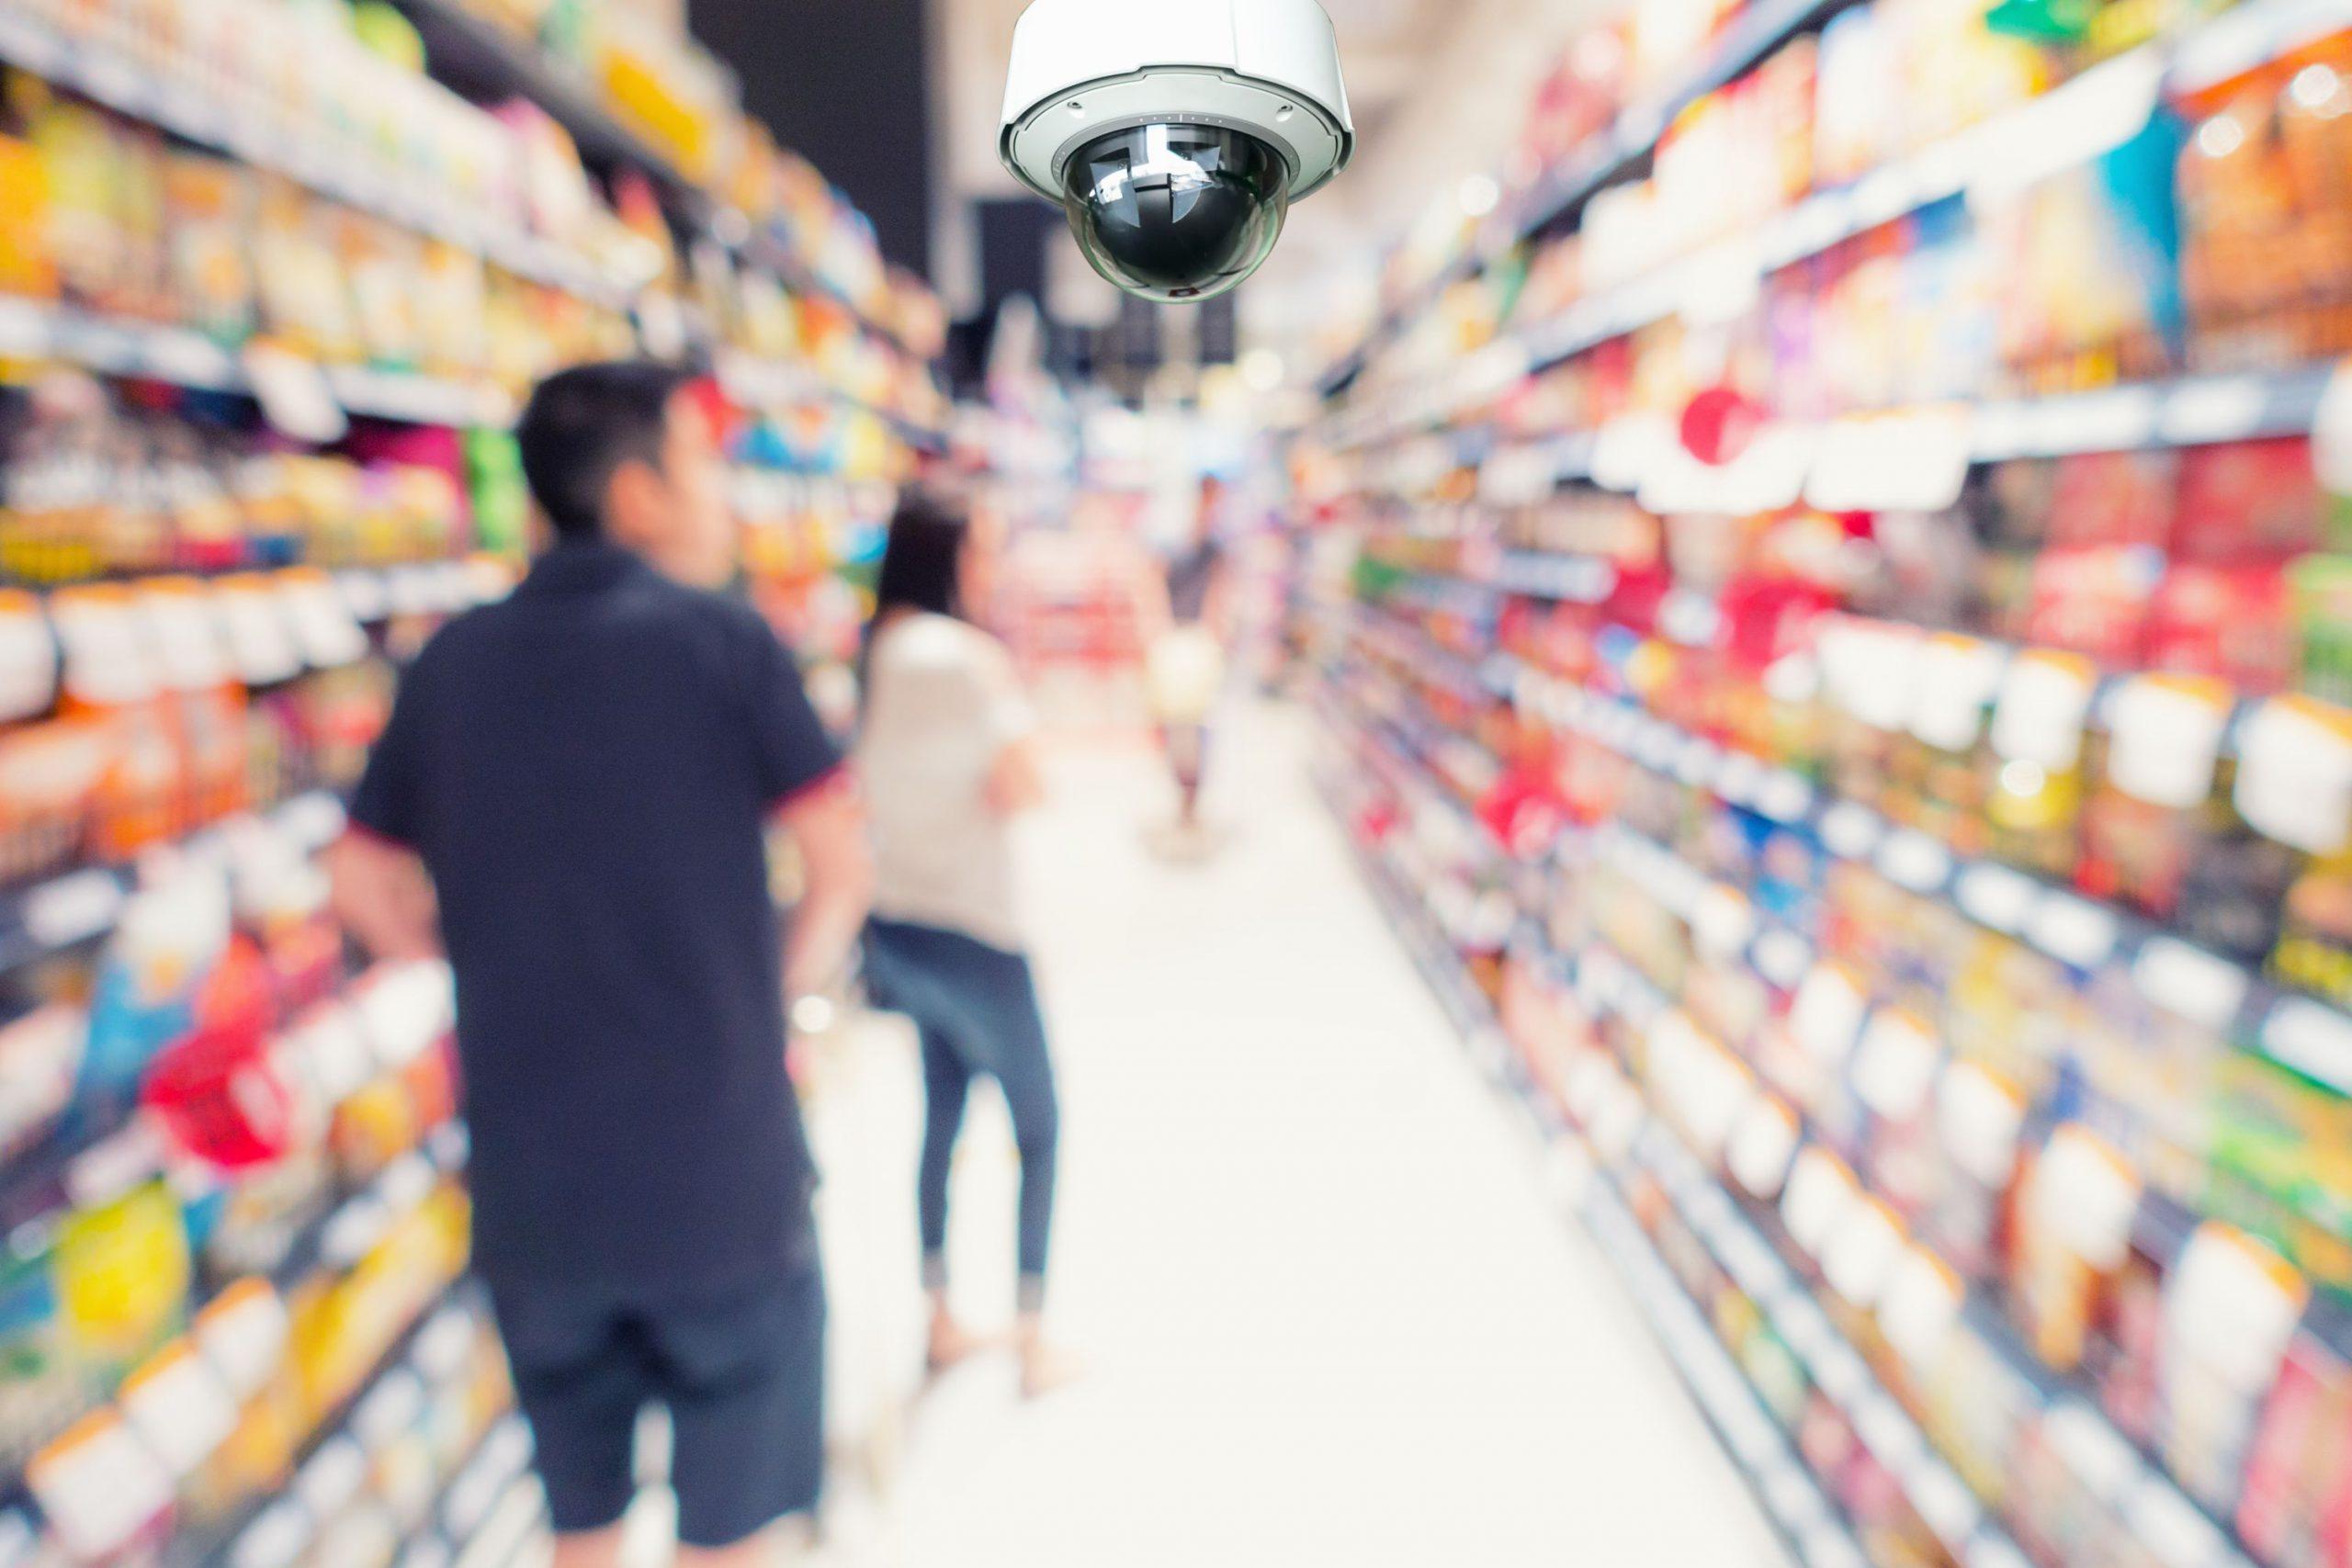 Jaki system bezpieczeństwa zamontować w sklepie?